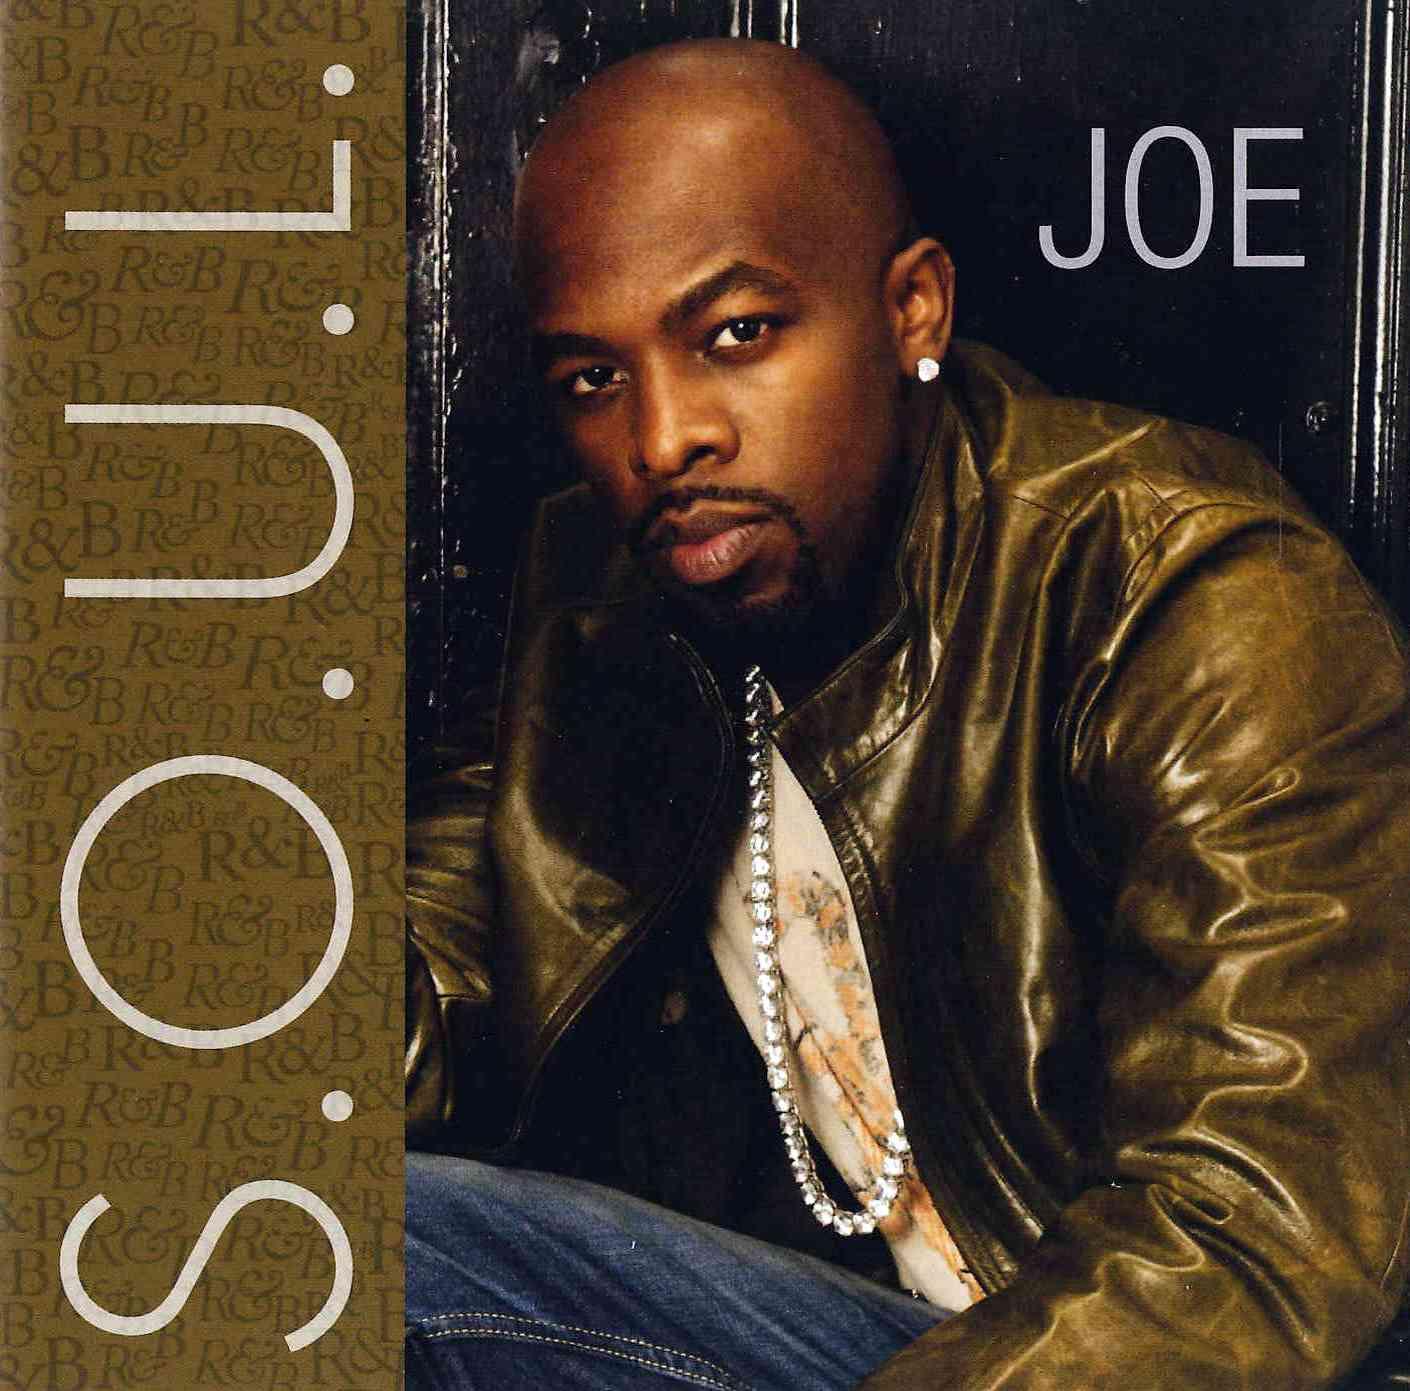 Joe - S.O.U.L